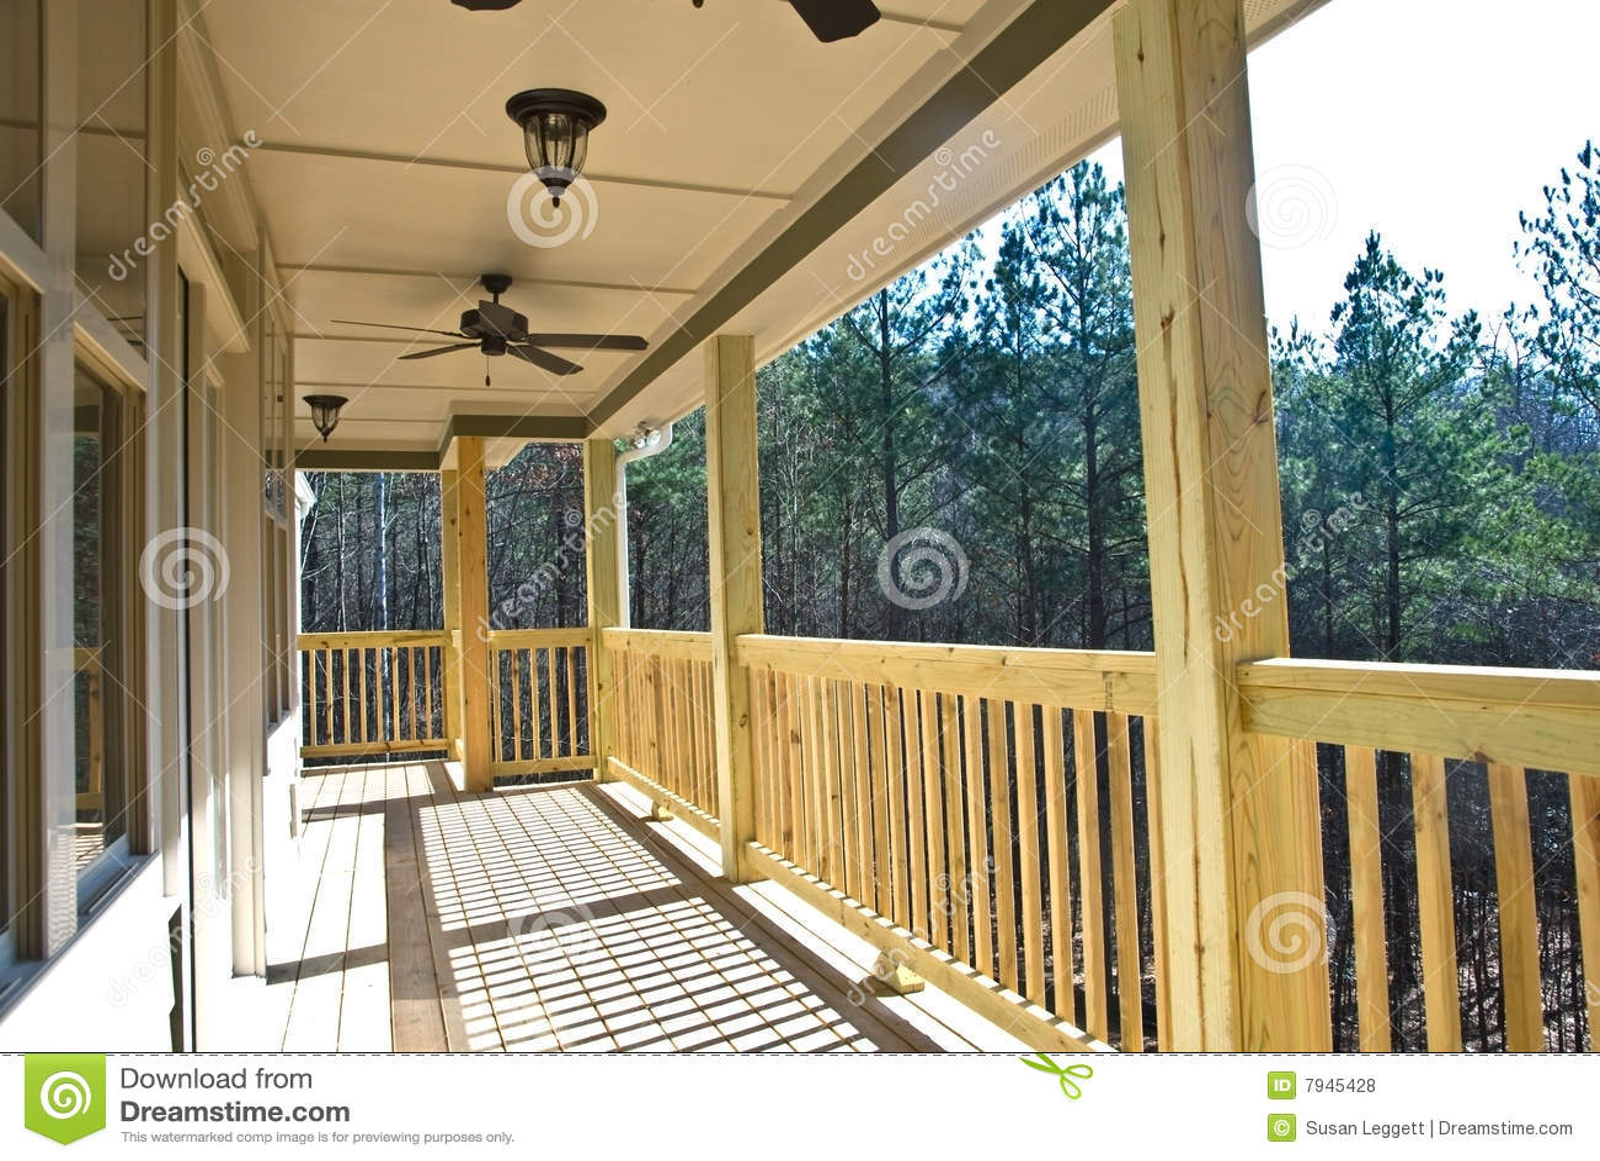 Trä för däckshusfarstubro